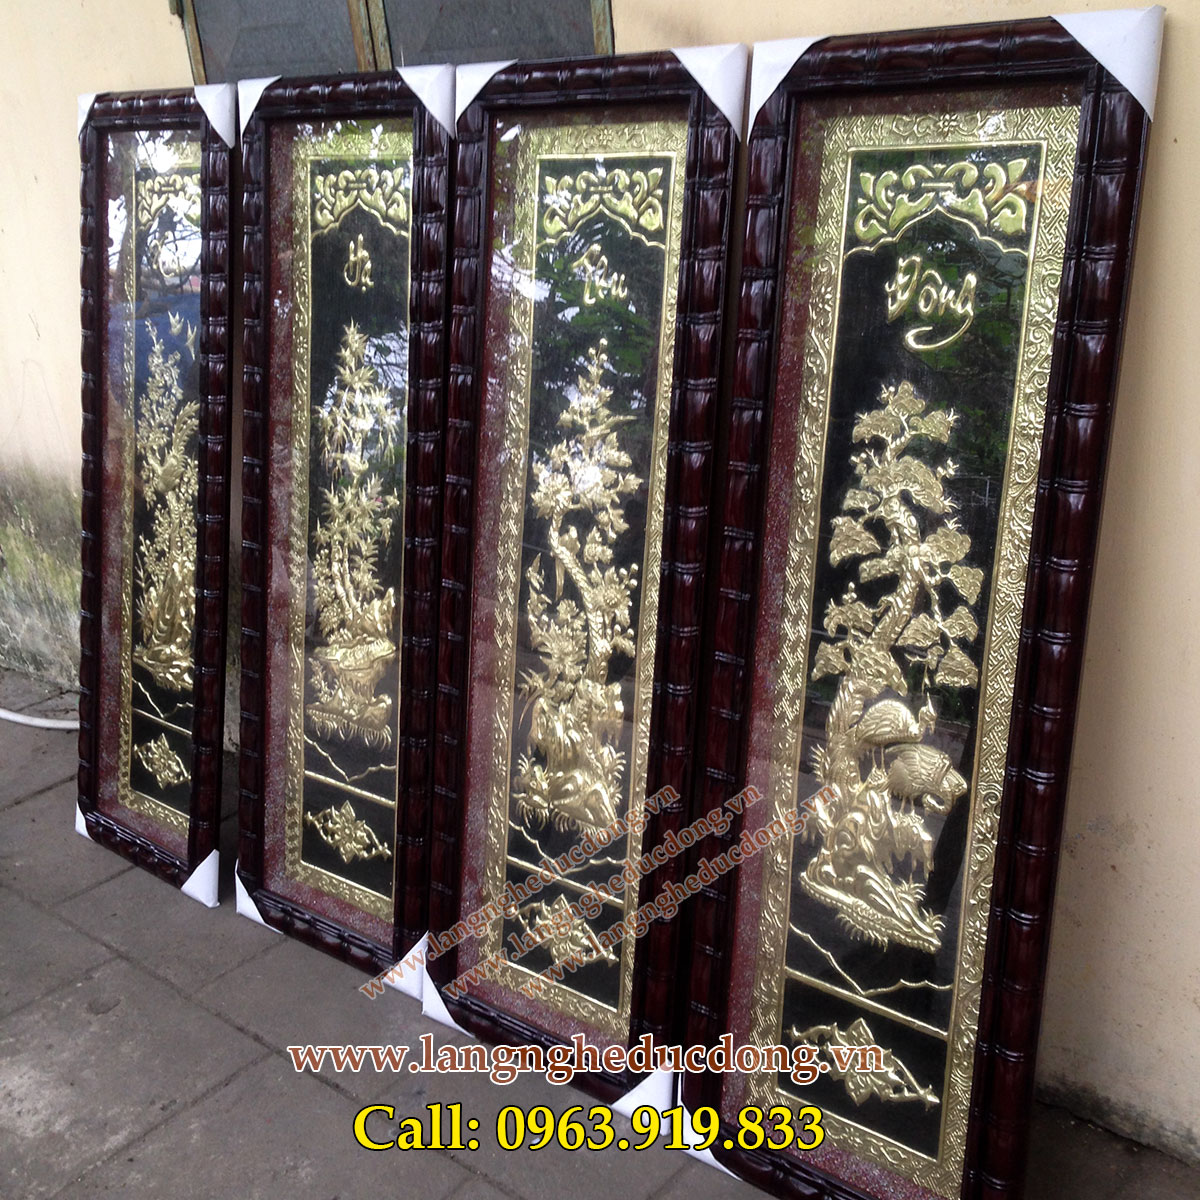 langngheducdong.vn - tranh đồng tứ quý, bộ tứ quý 45x120cm, tranh đồng trang trí